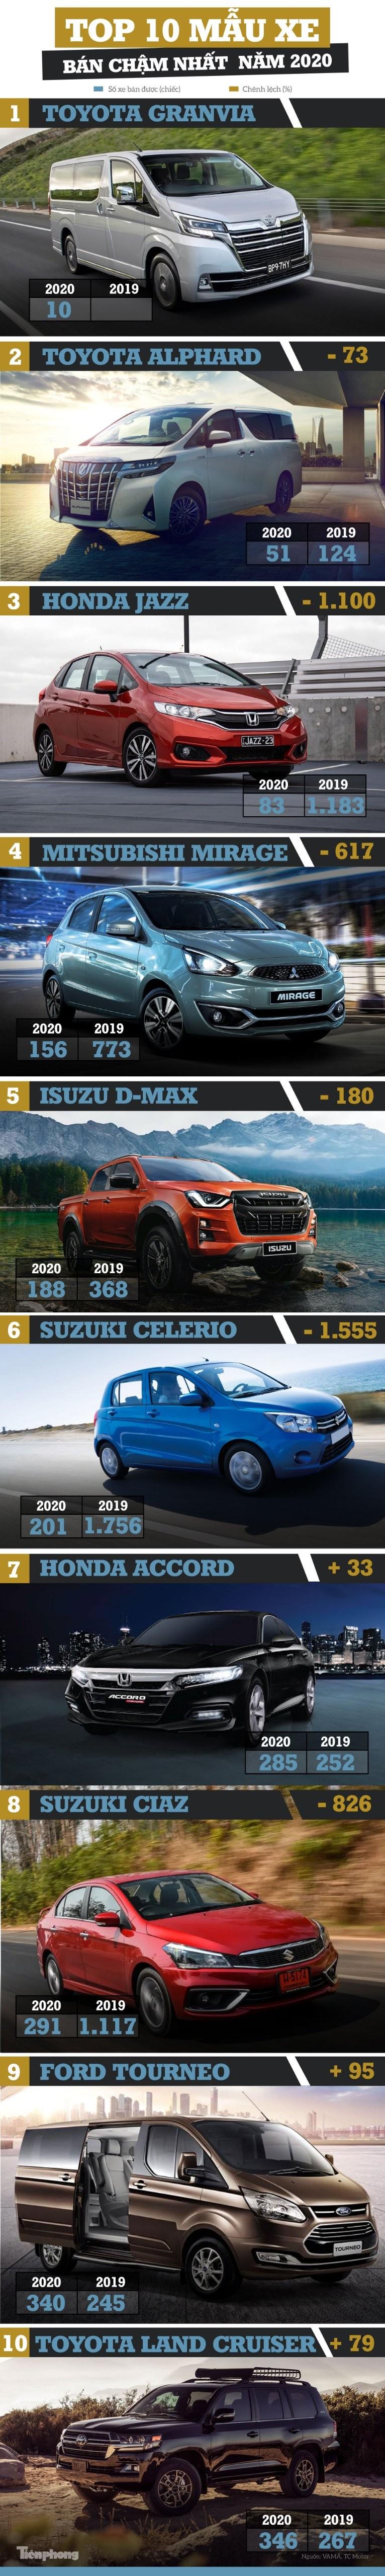 Top 10 ôtô 'kén khách' nhất năm 2020 tại Việt Nam ảnh 1